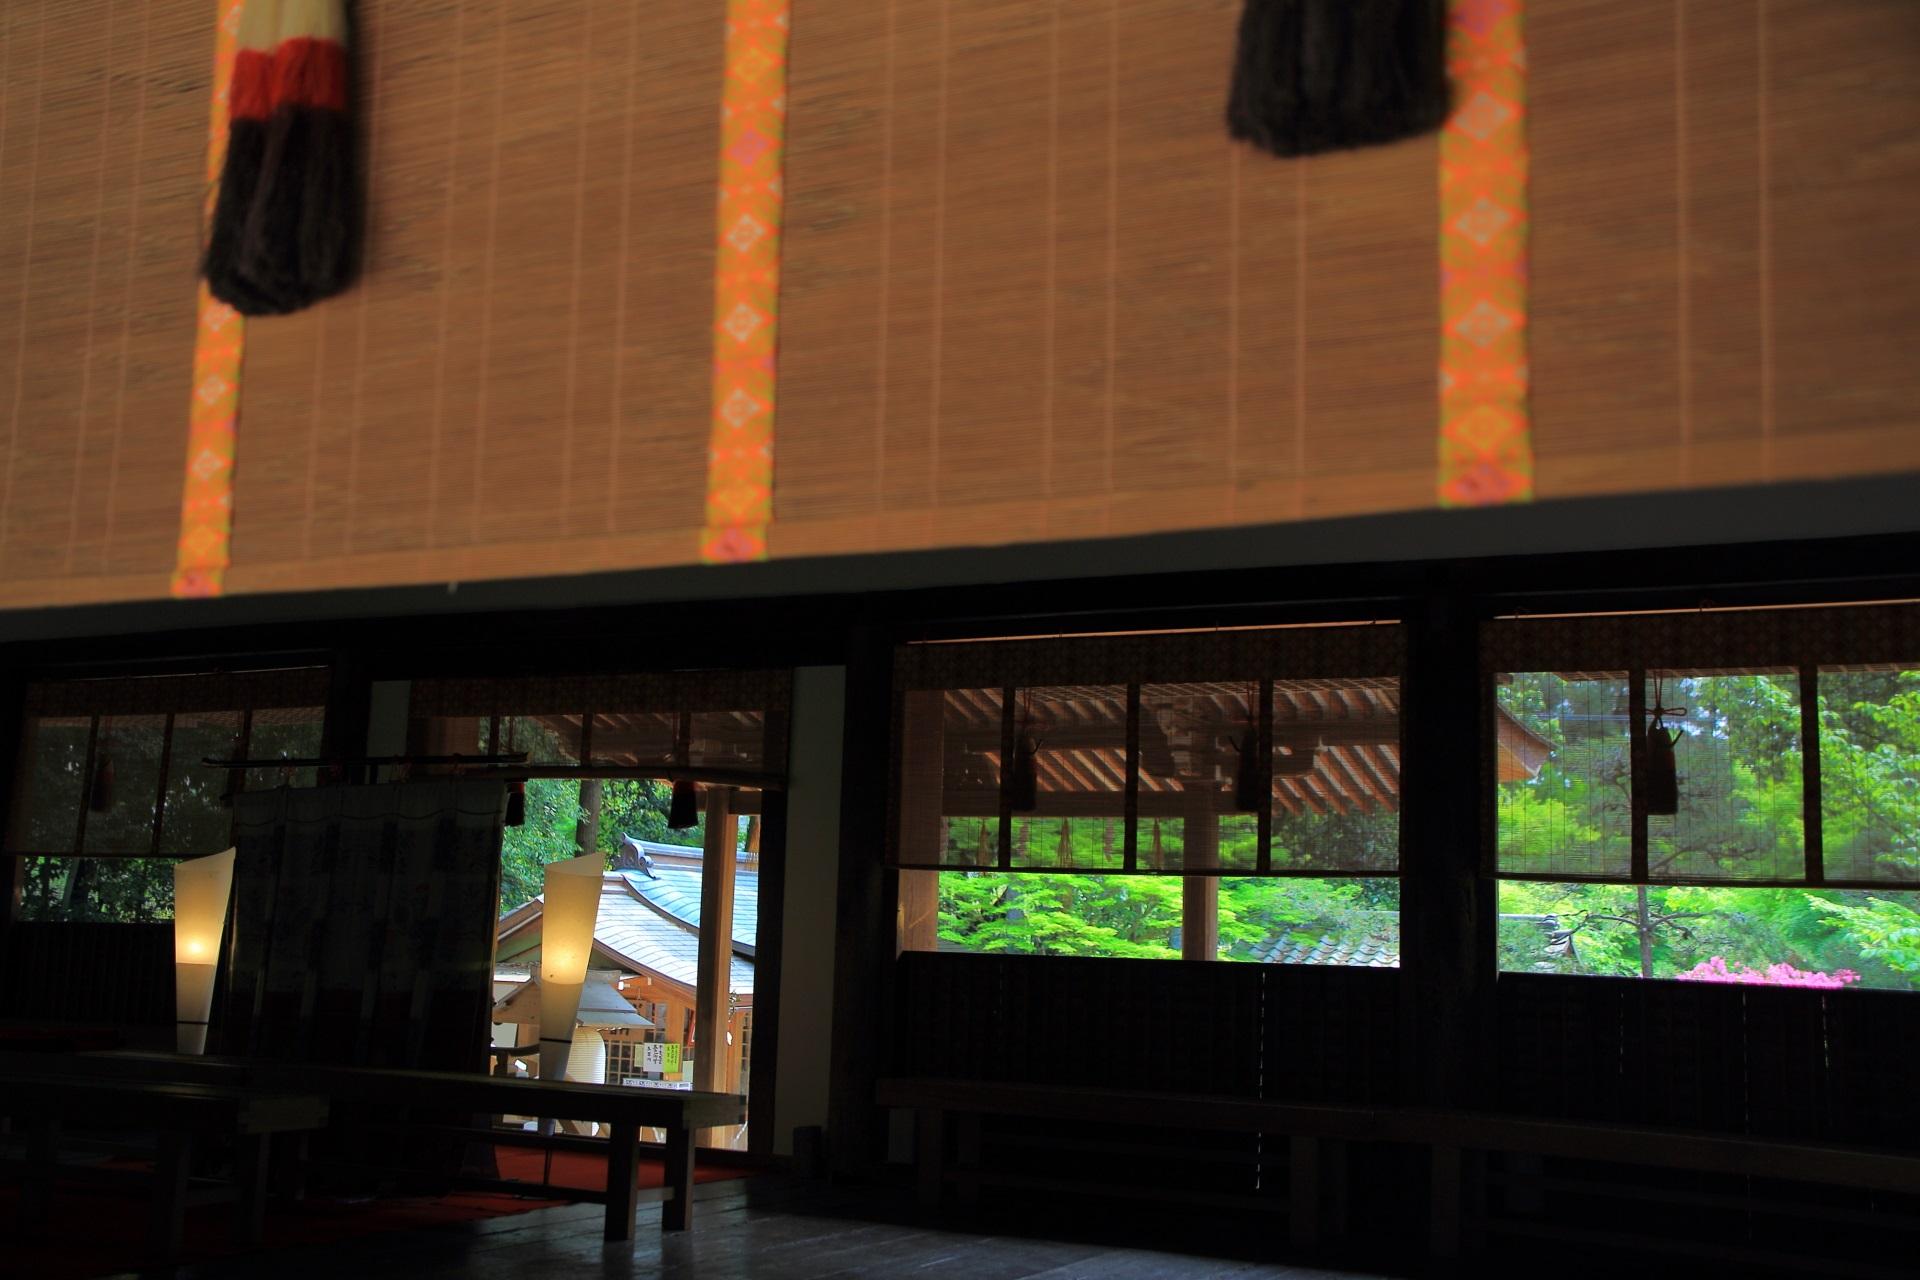 世界遺産の宇治上神社の拝殿